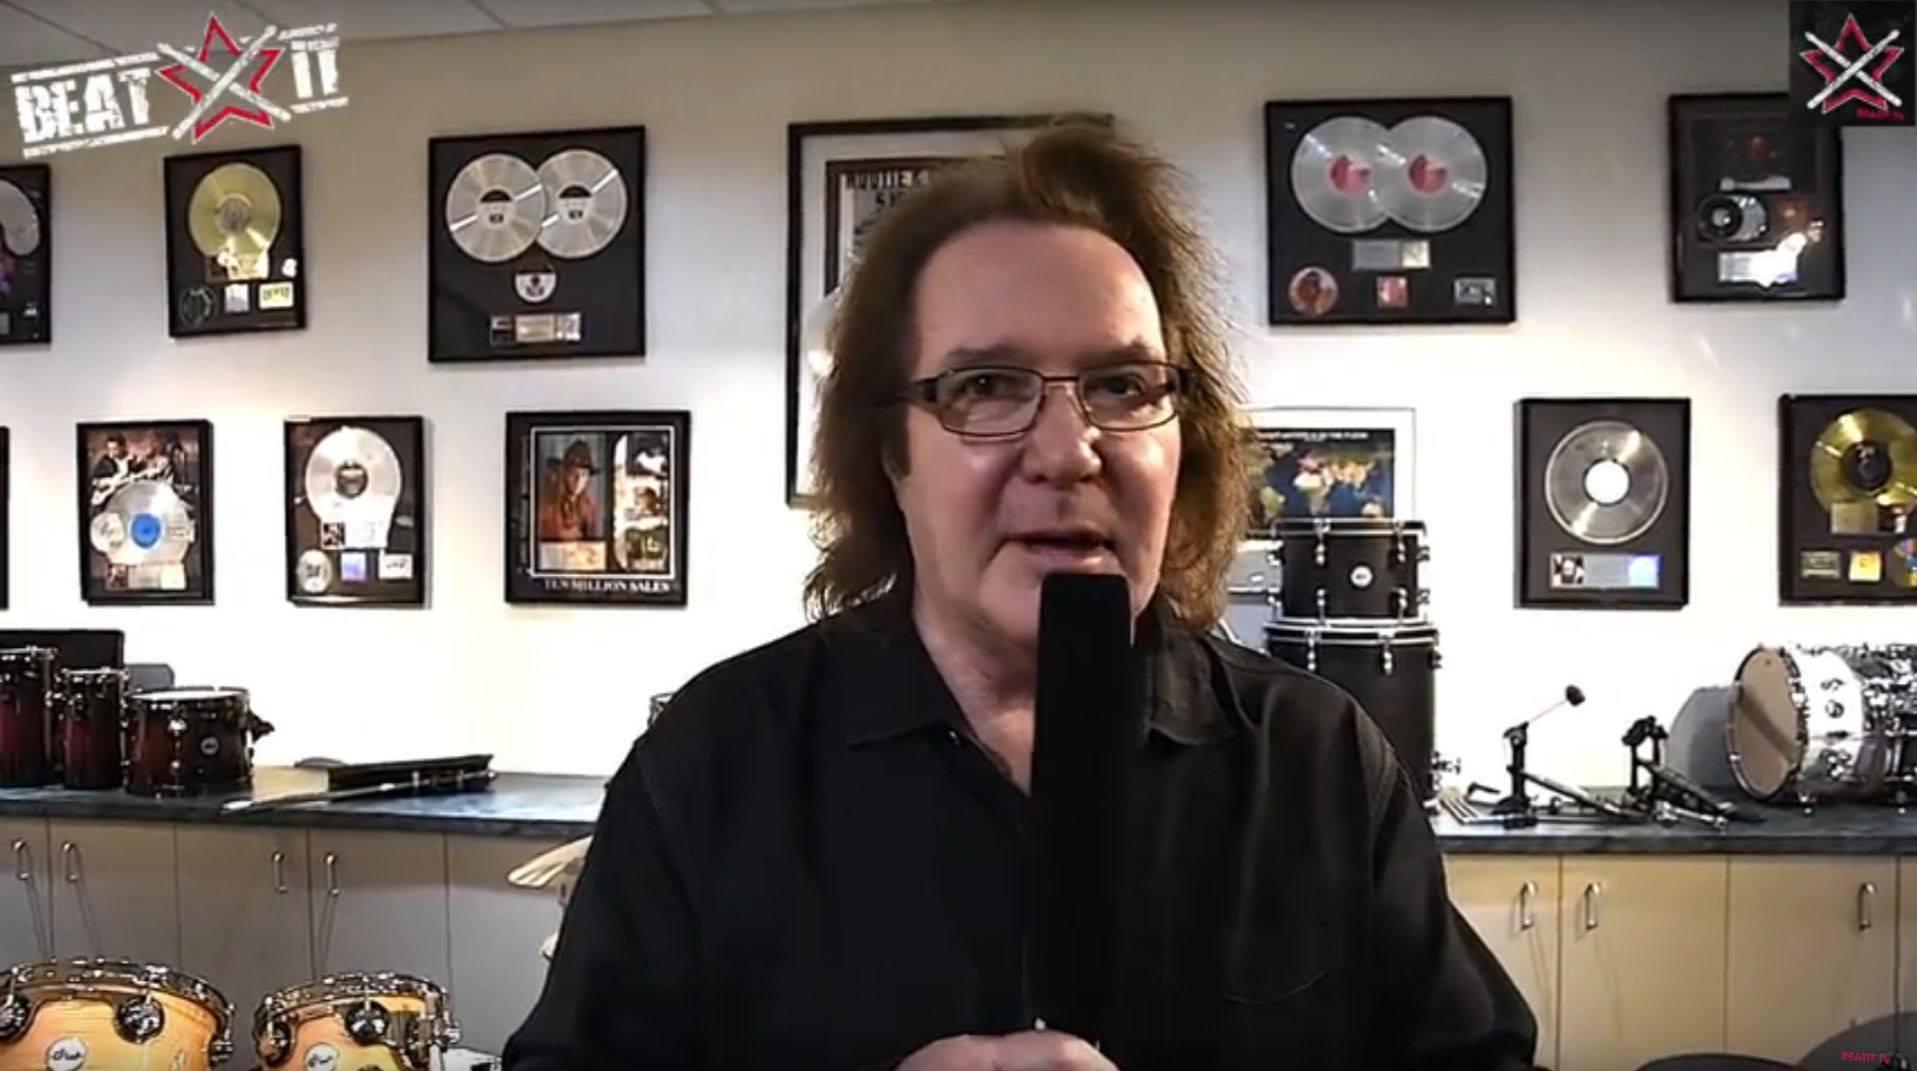 beatit.tv visits DW HQ in Oxnard, CA